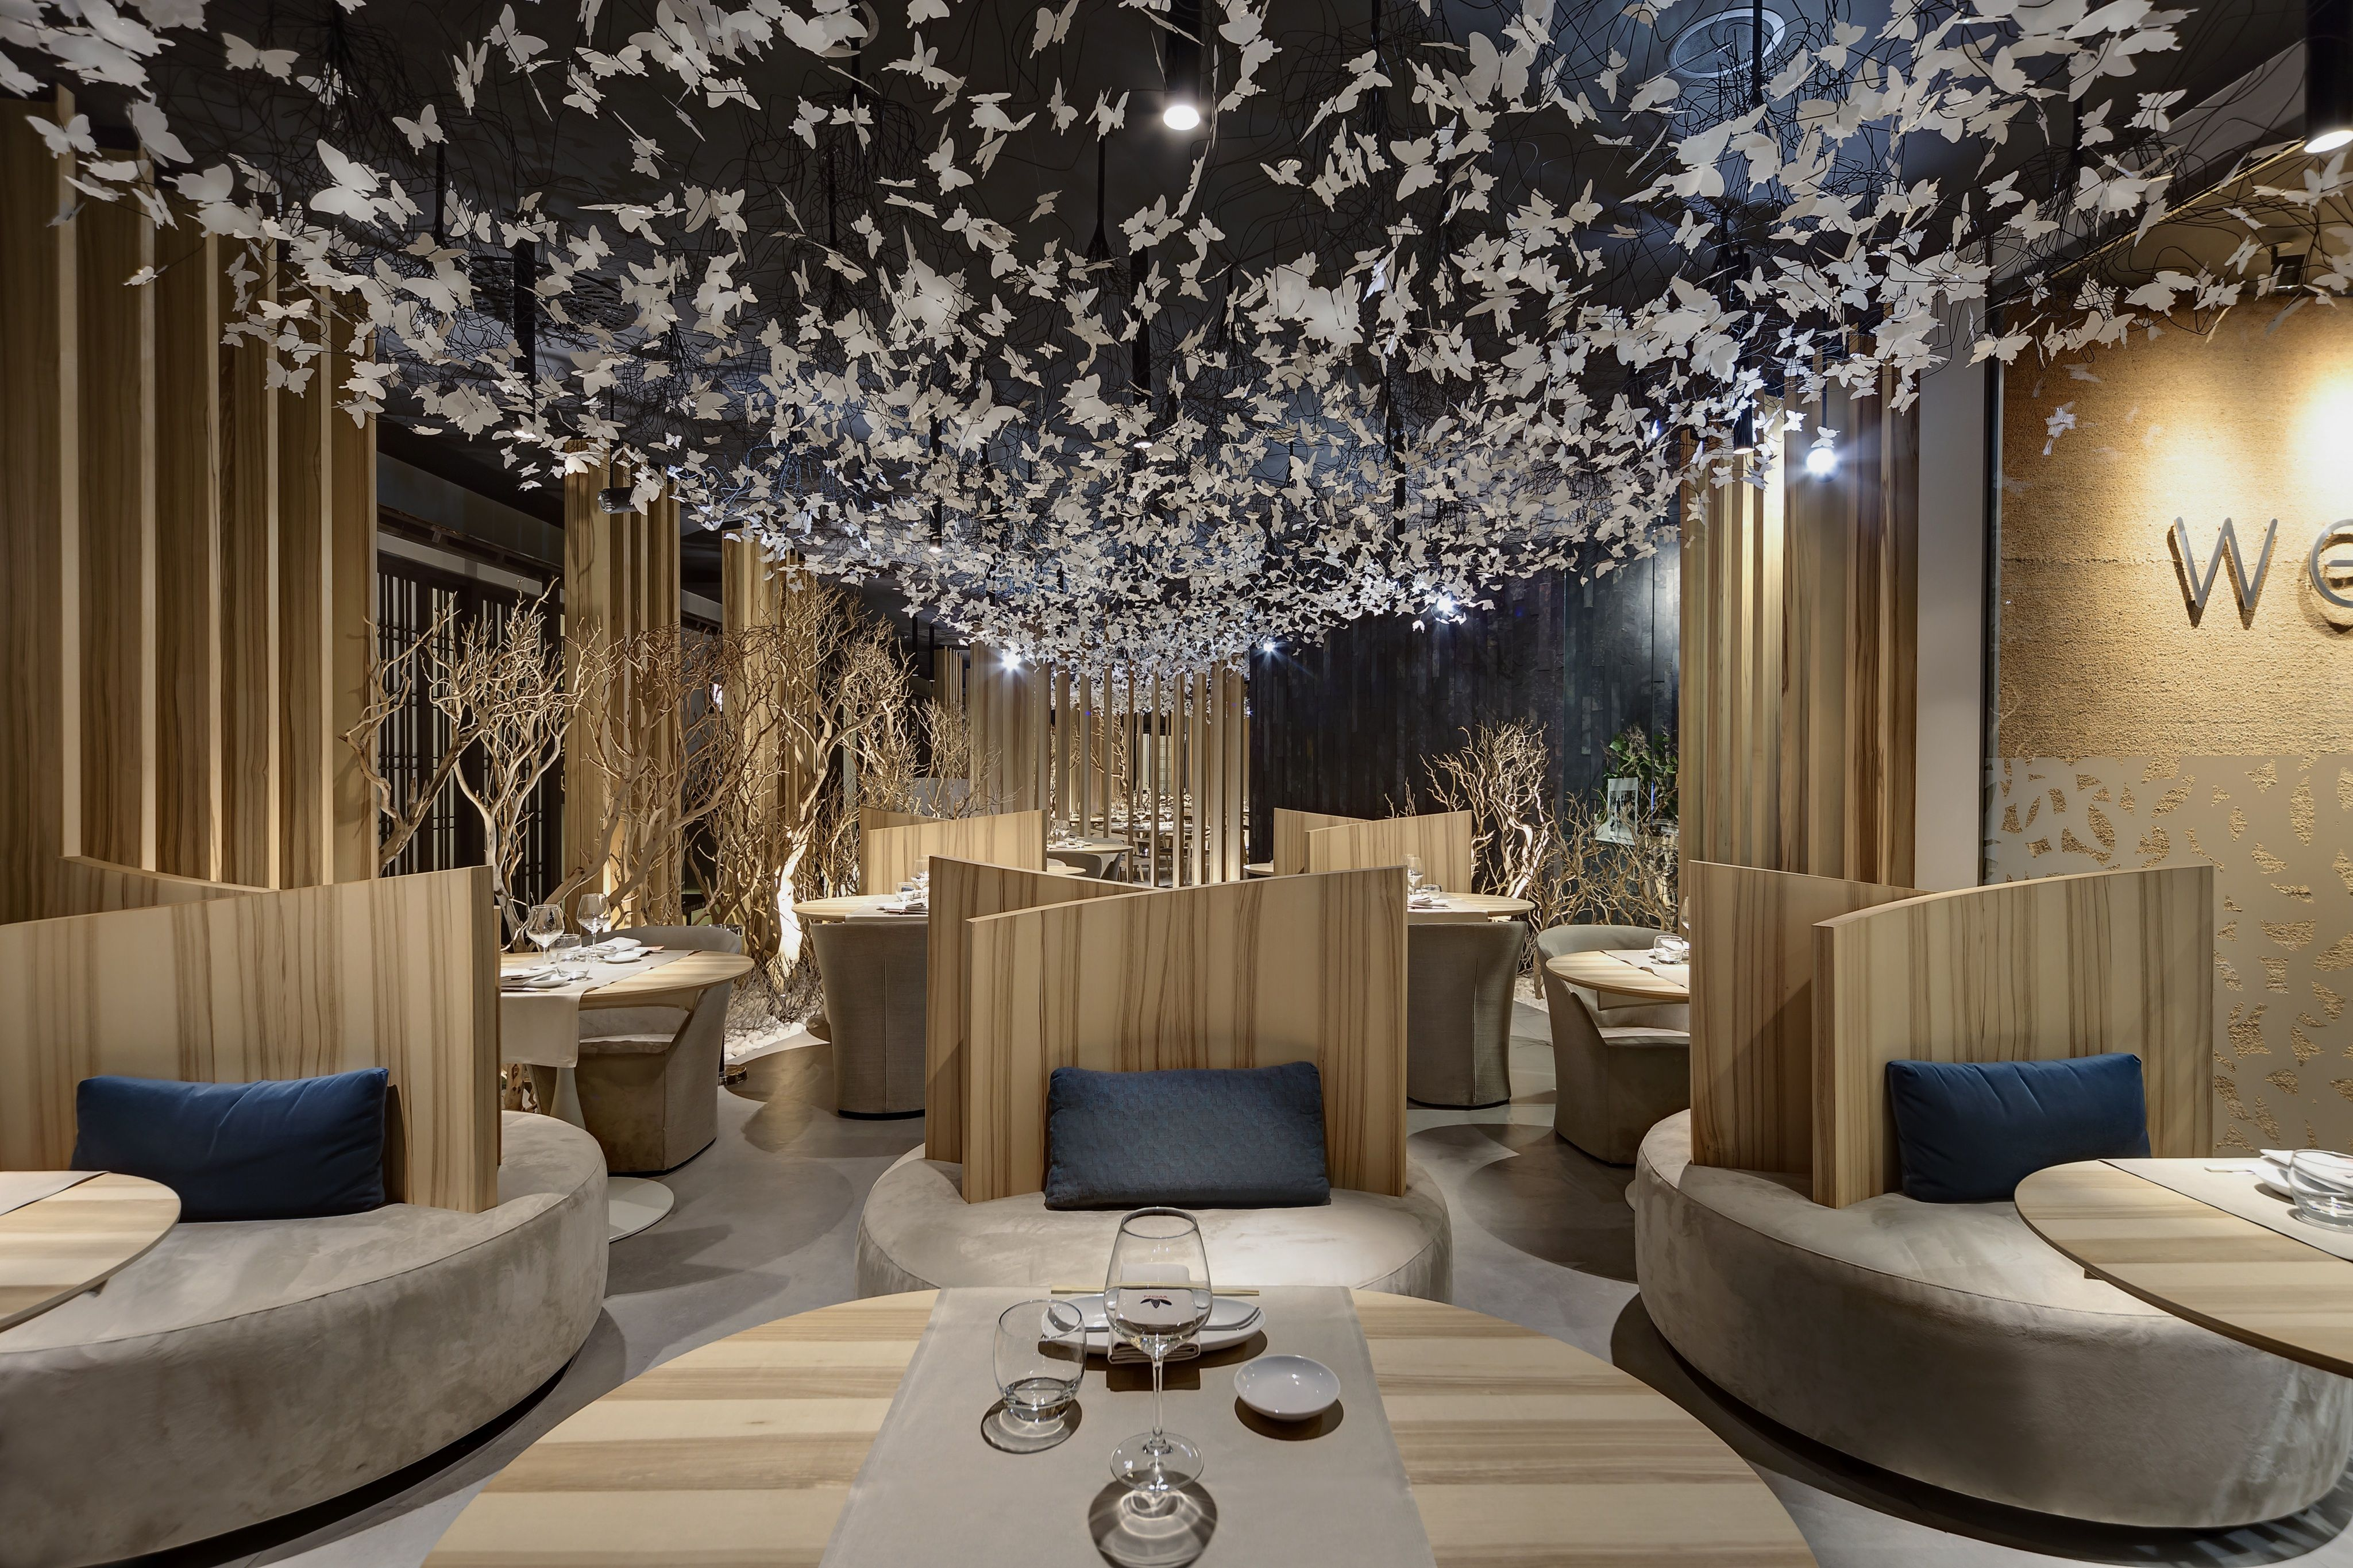 Ristorante Wen Gallarate Spa Pinterest Restaurant Bar